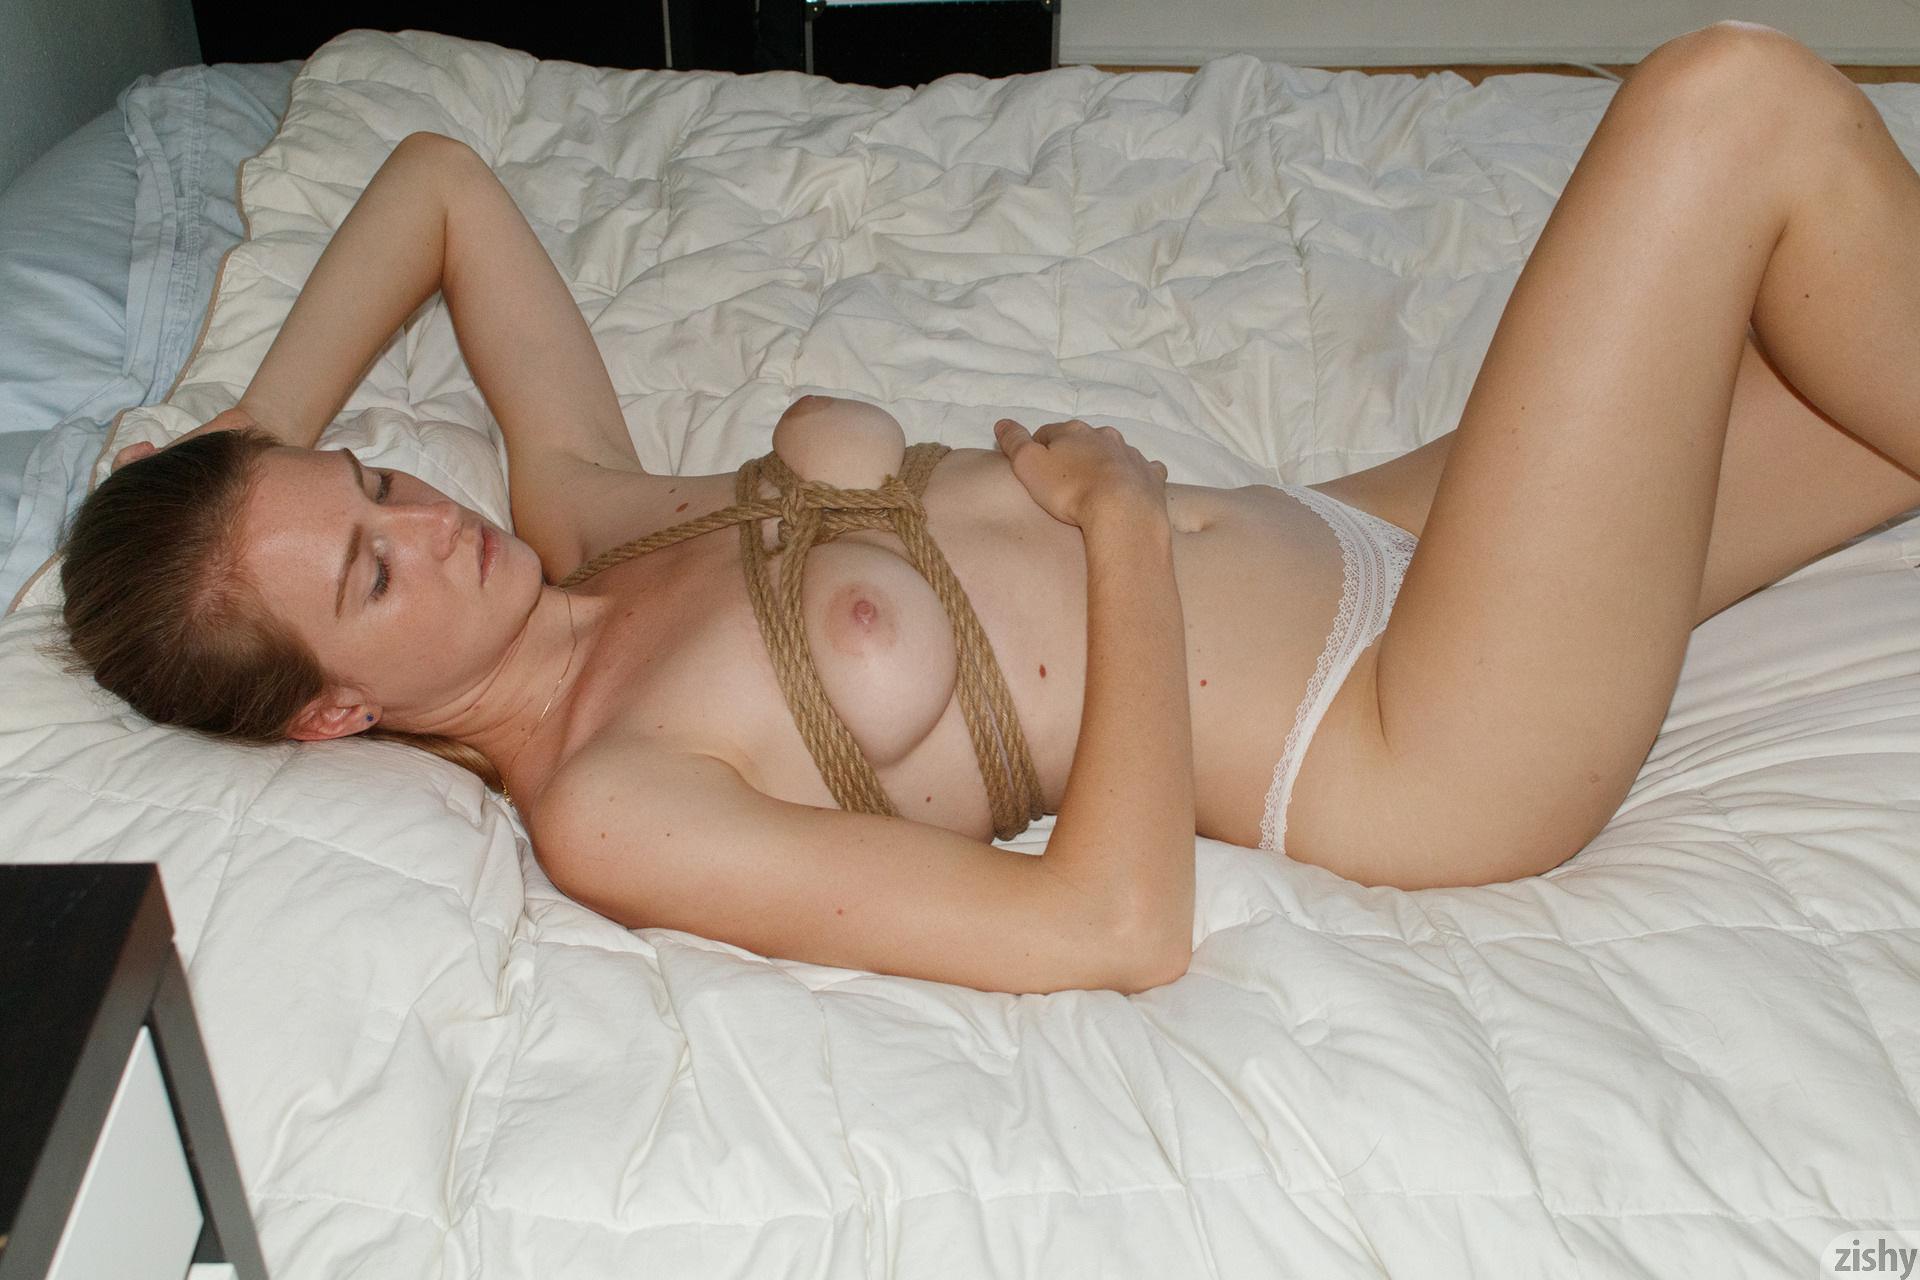 Ashley Lane Rope On Amazon Zishy (38)